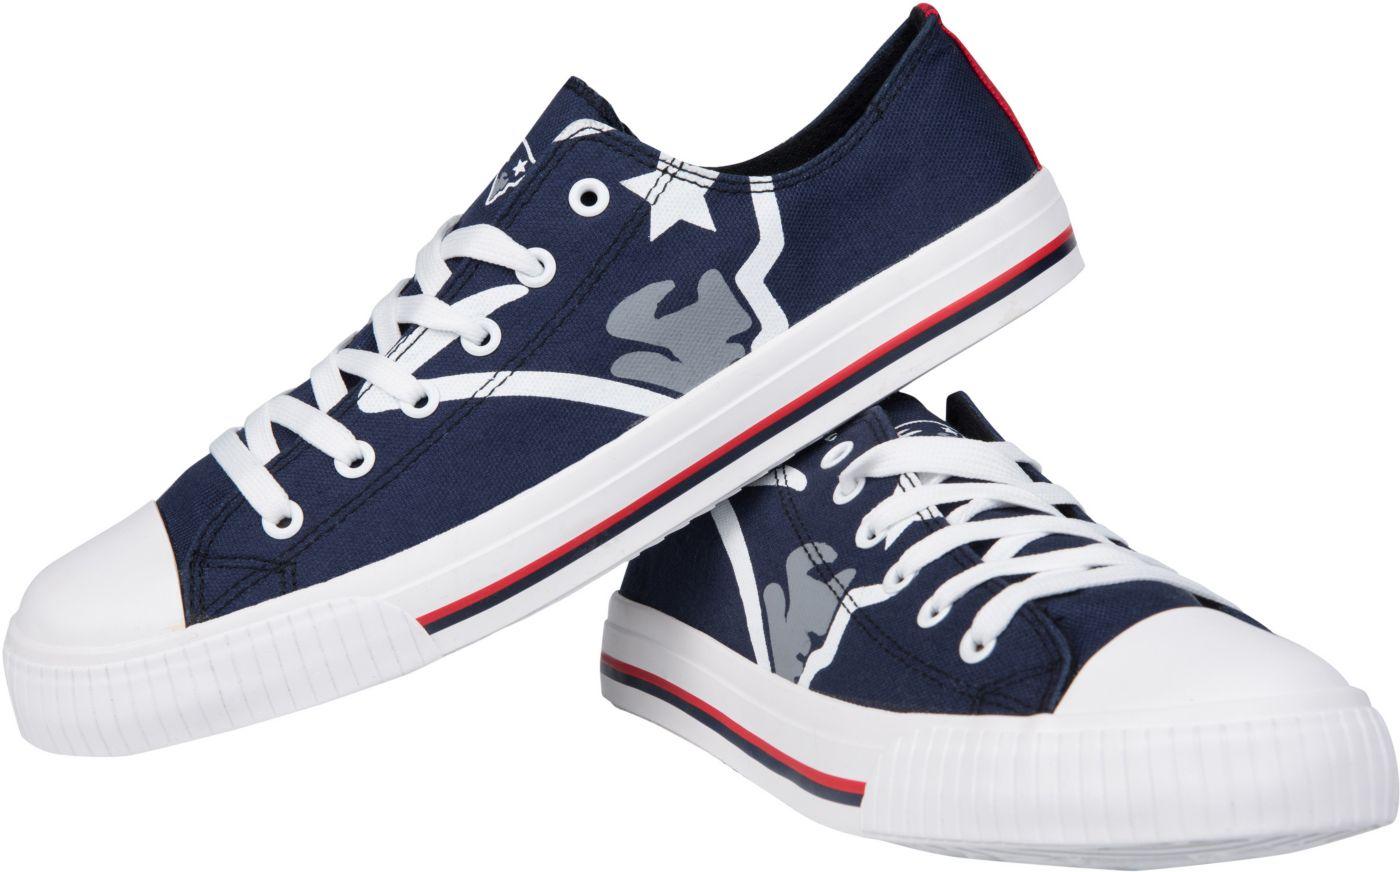 FOCO New England Patriots Canvas Sneakers